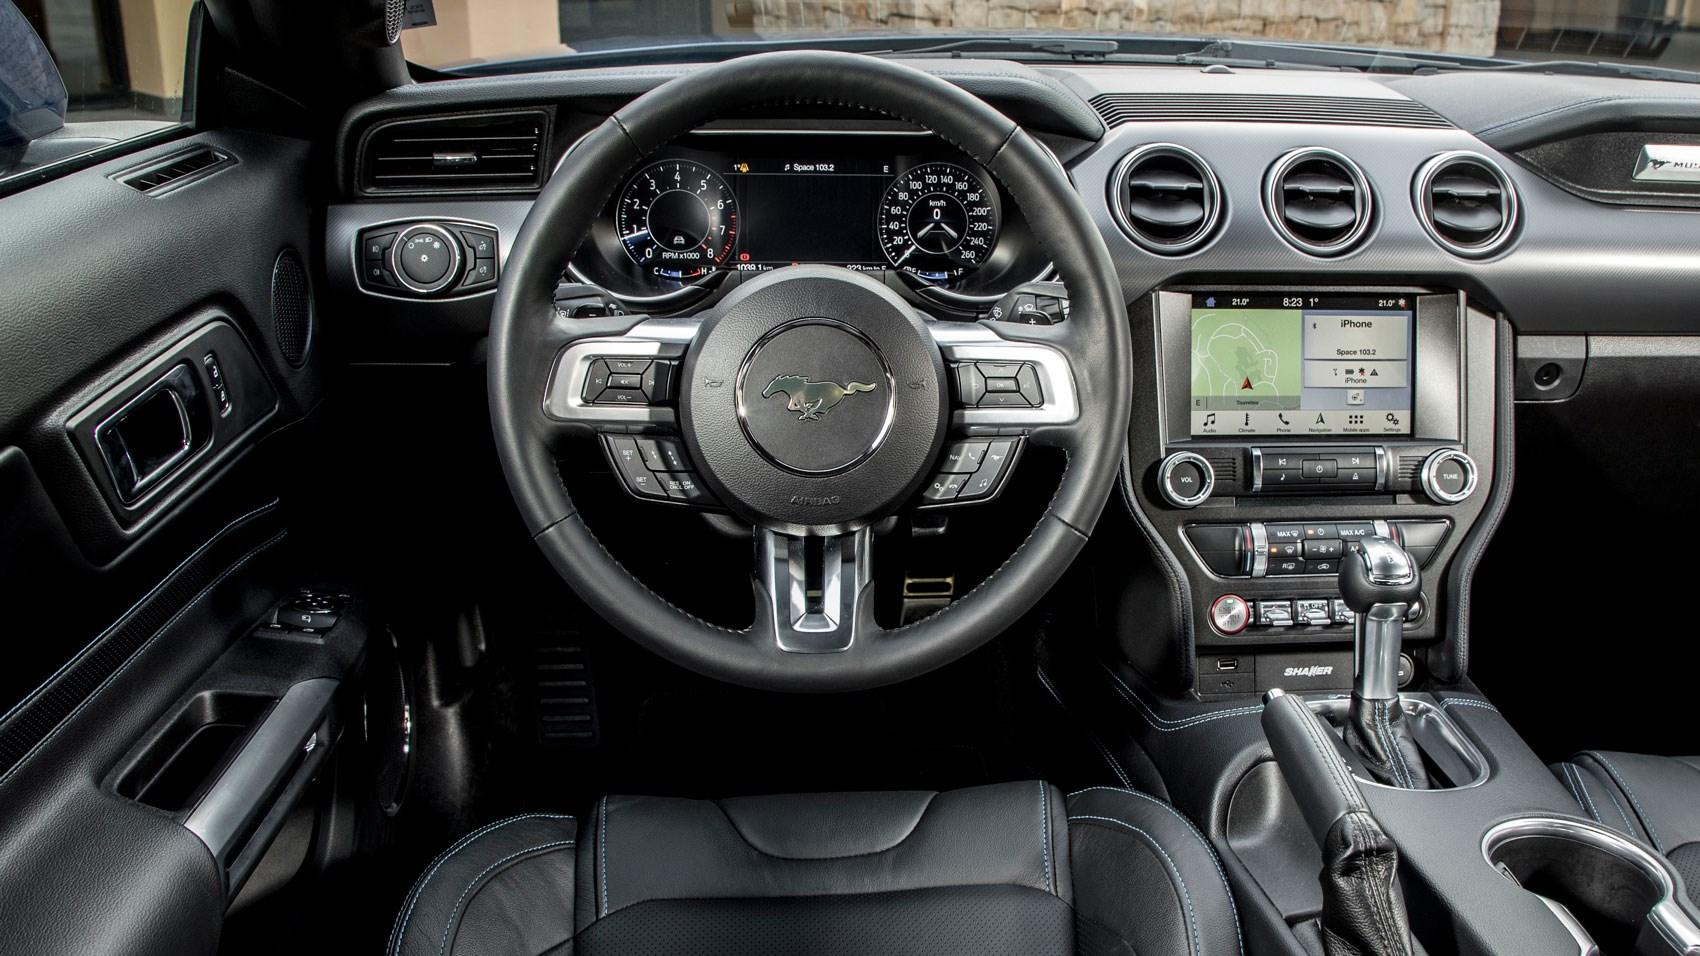 Mustang v8 auto interior